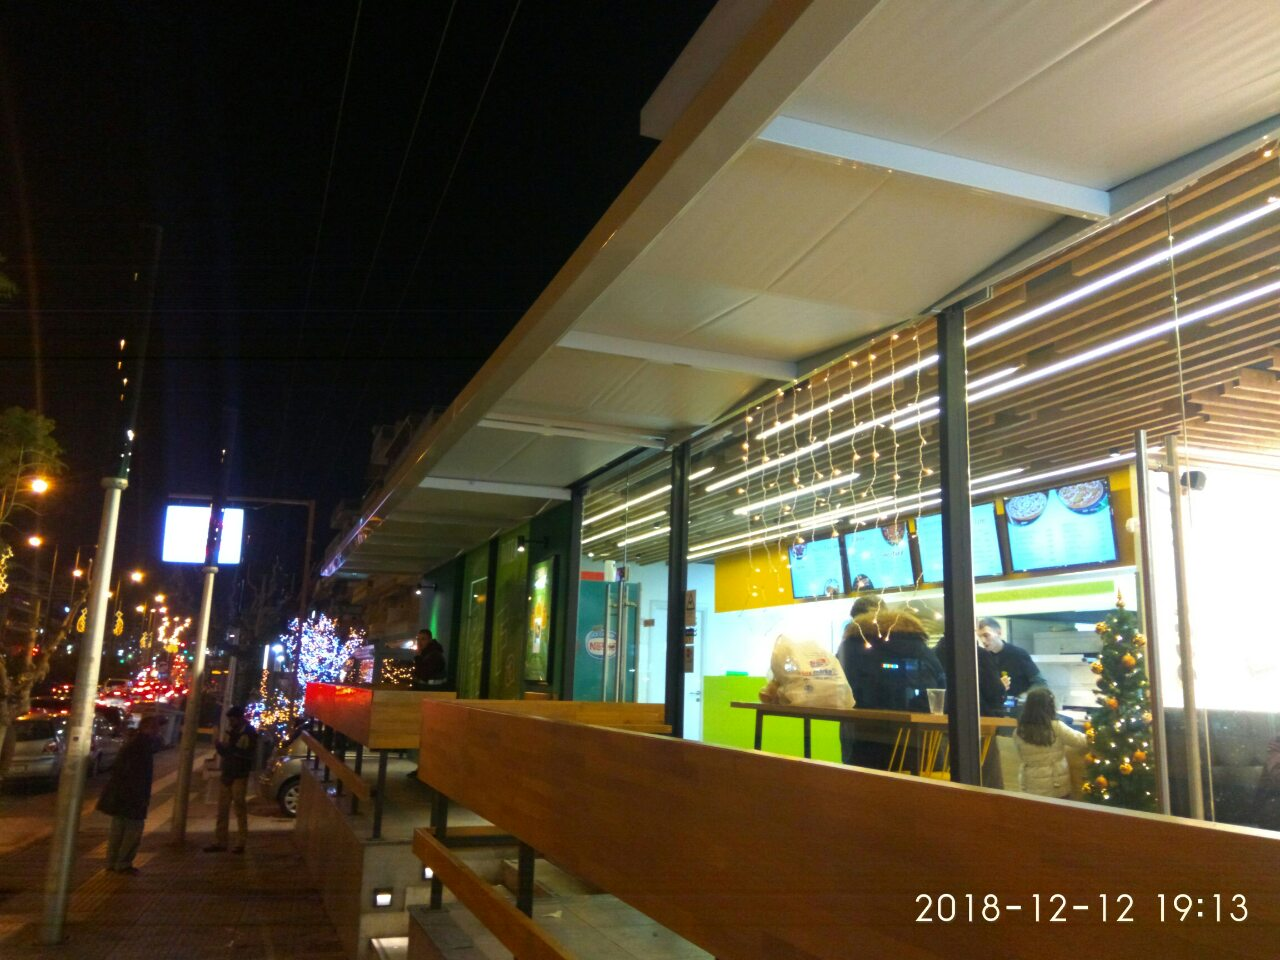 Στέγαστρο στο κατάστημα της Pizza Fan στο Γαλάτσι